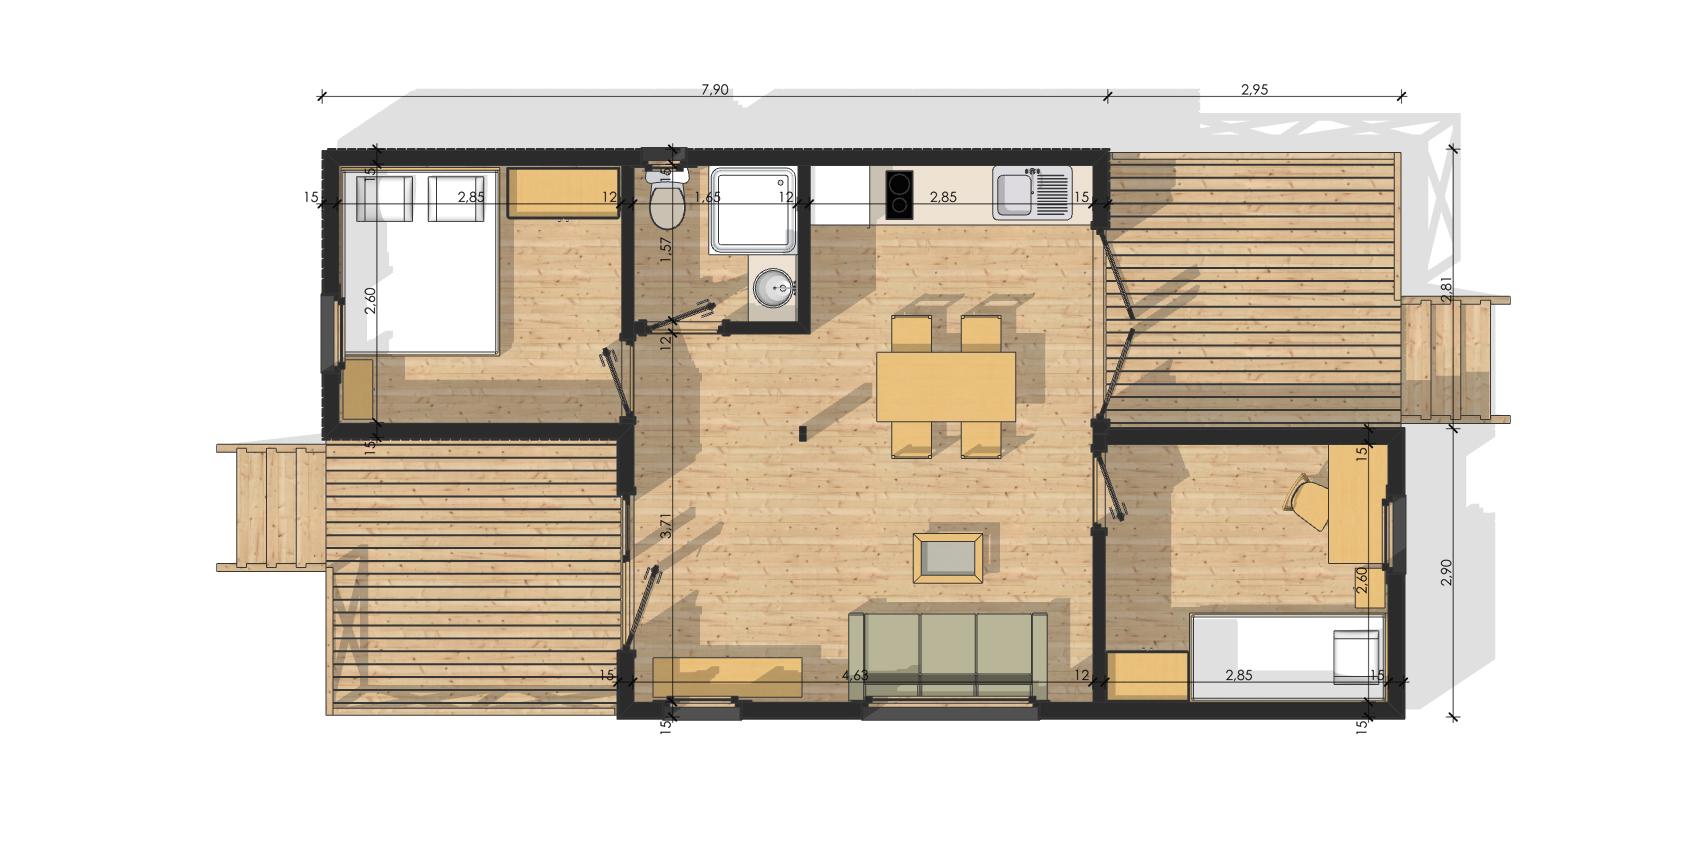 Modulob 40a habitat modulaires en bois de 40 m avec terrasses for Salle de bain habitat